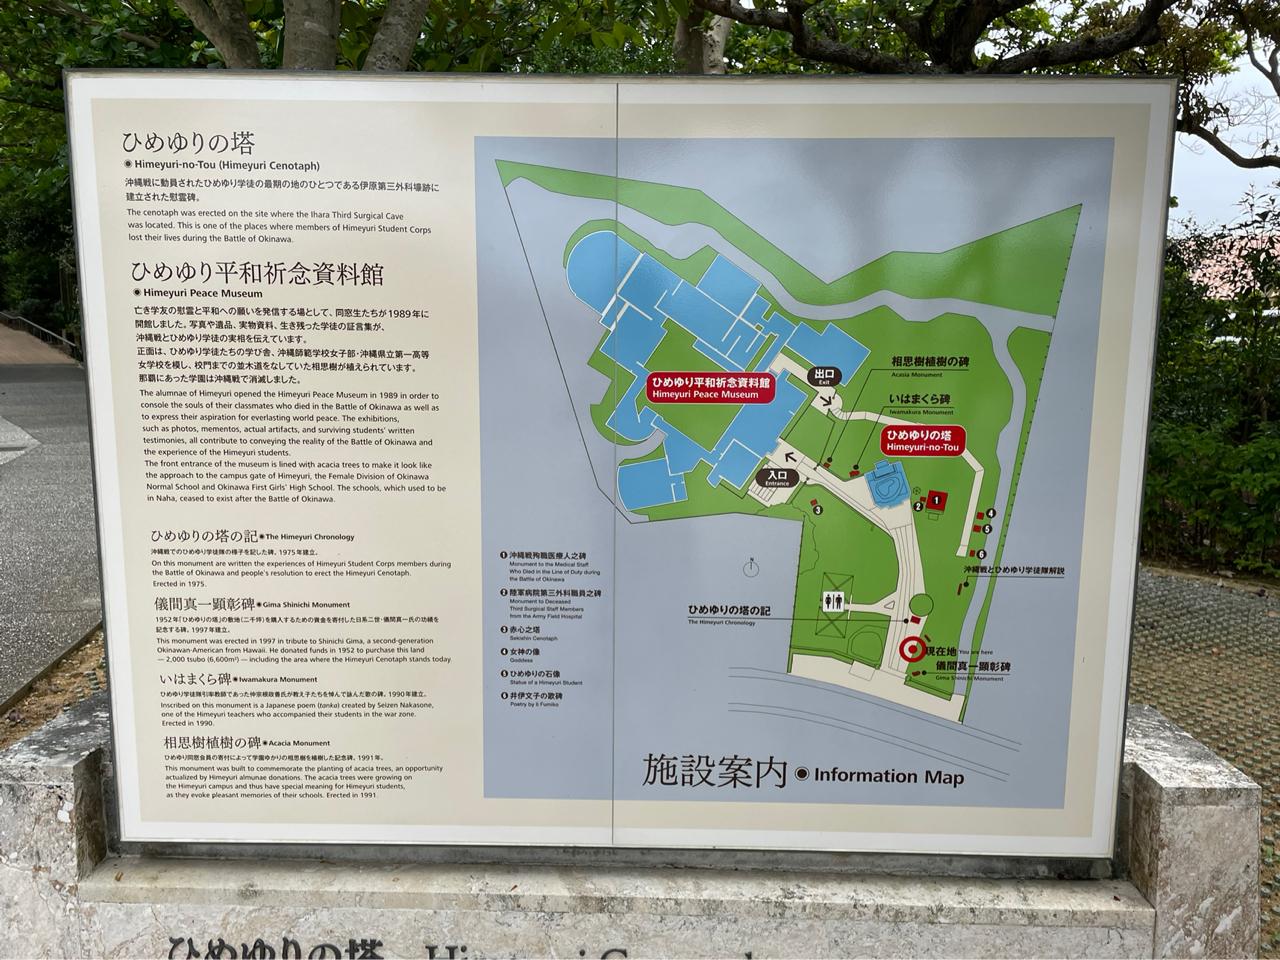 平和祈念資料館マップ